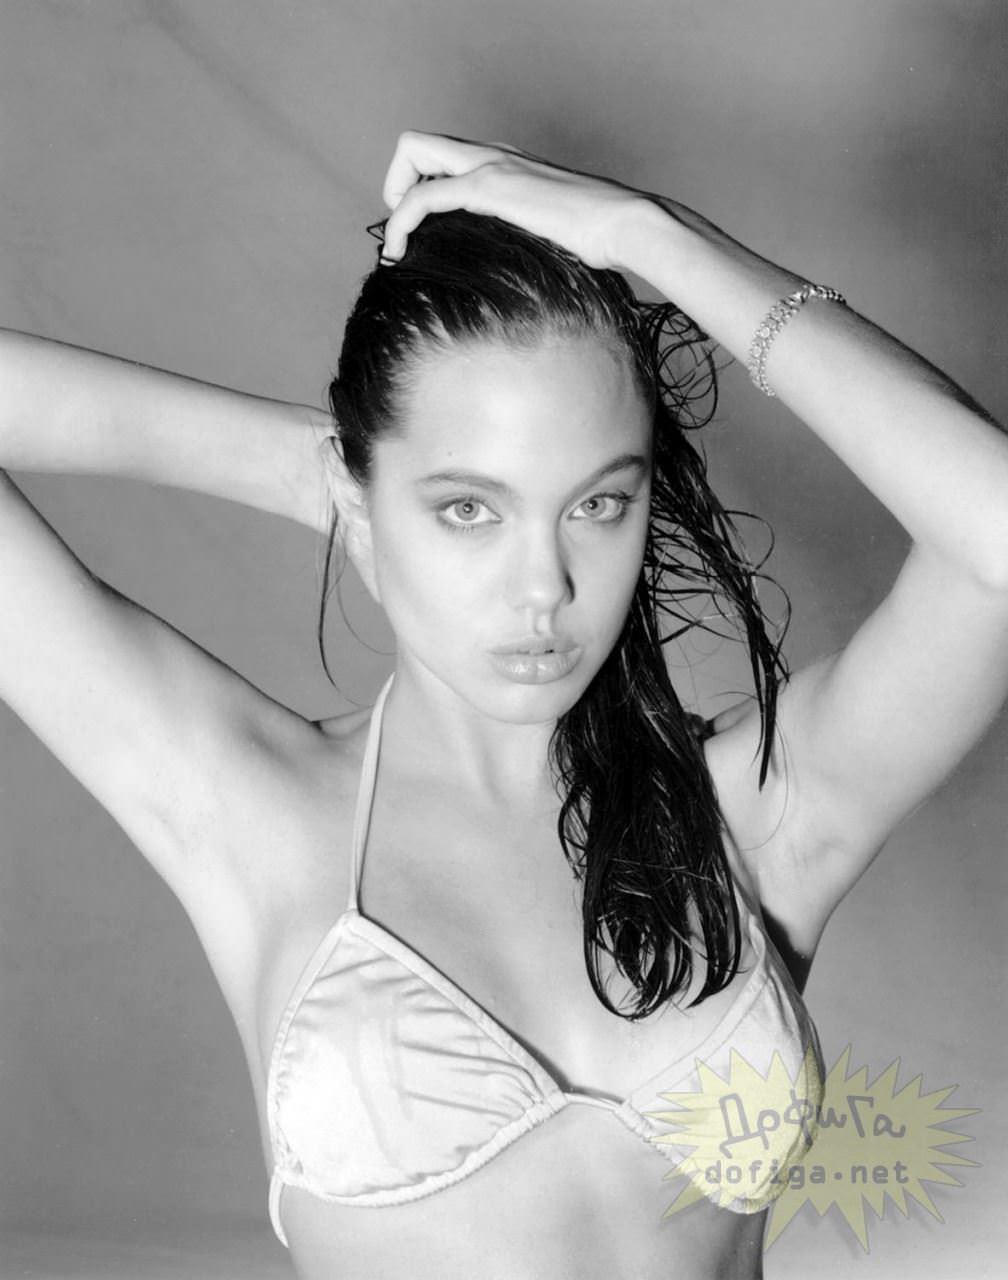 【外人】世界トップレベルの美女アンジェリーナ·ジョリー(Angelina Jolie)のポルノ画像 11218